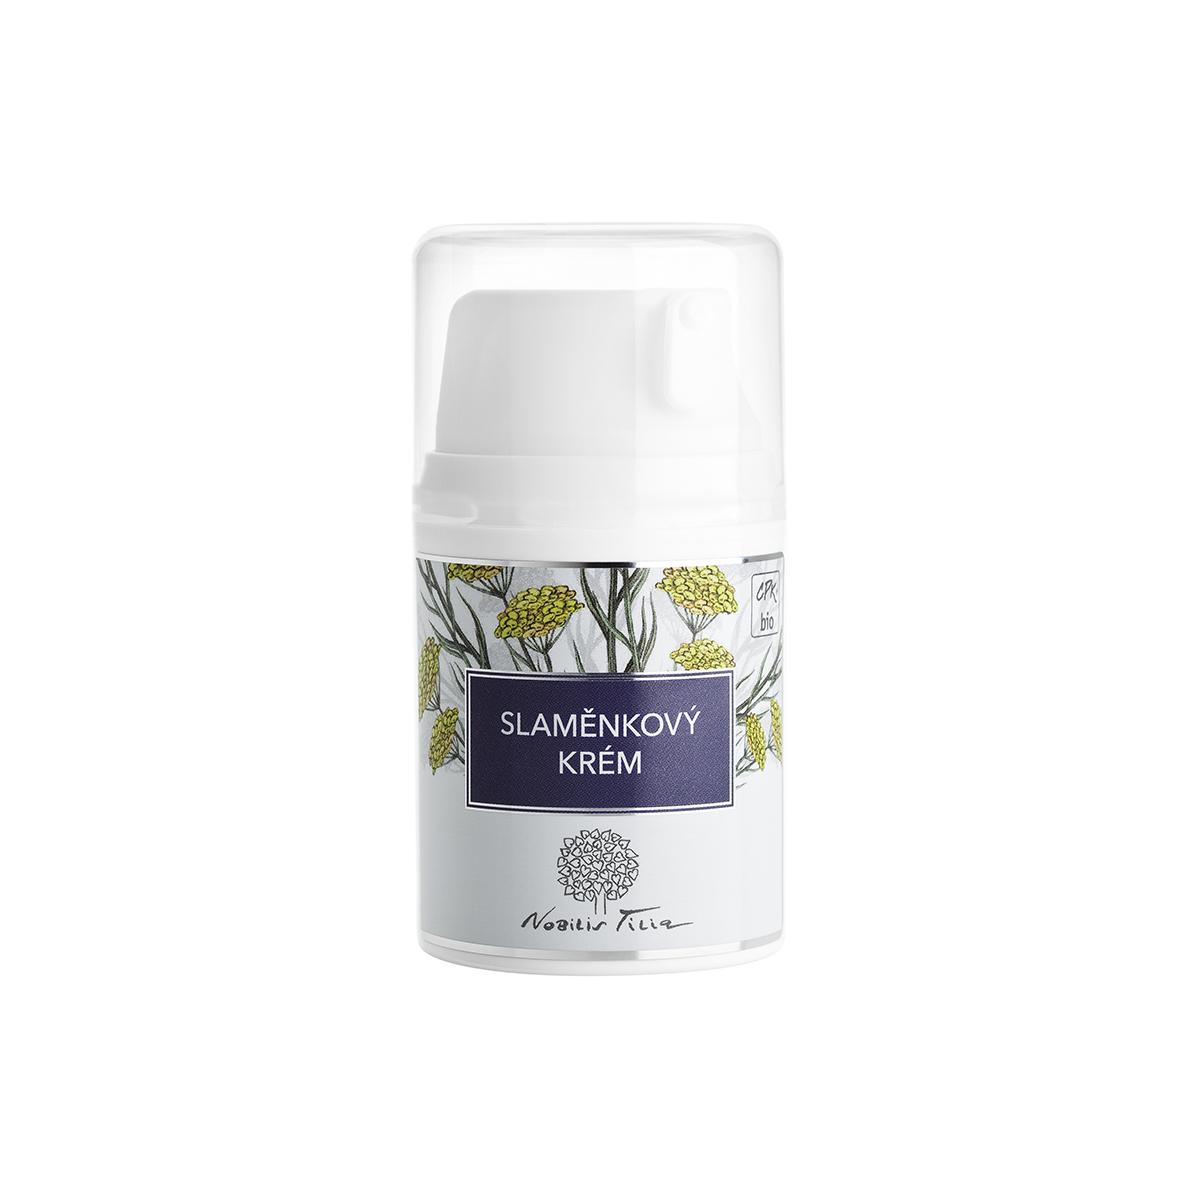 Slaměnkový krém — 50 ml